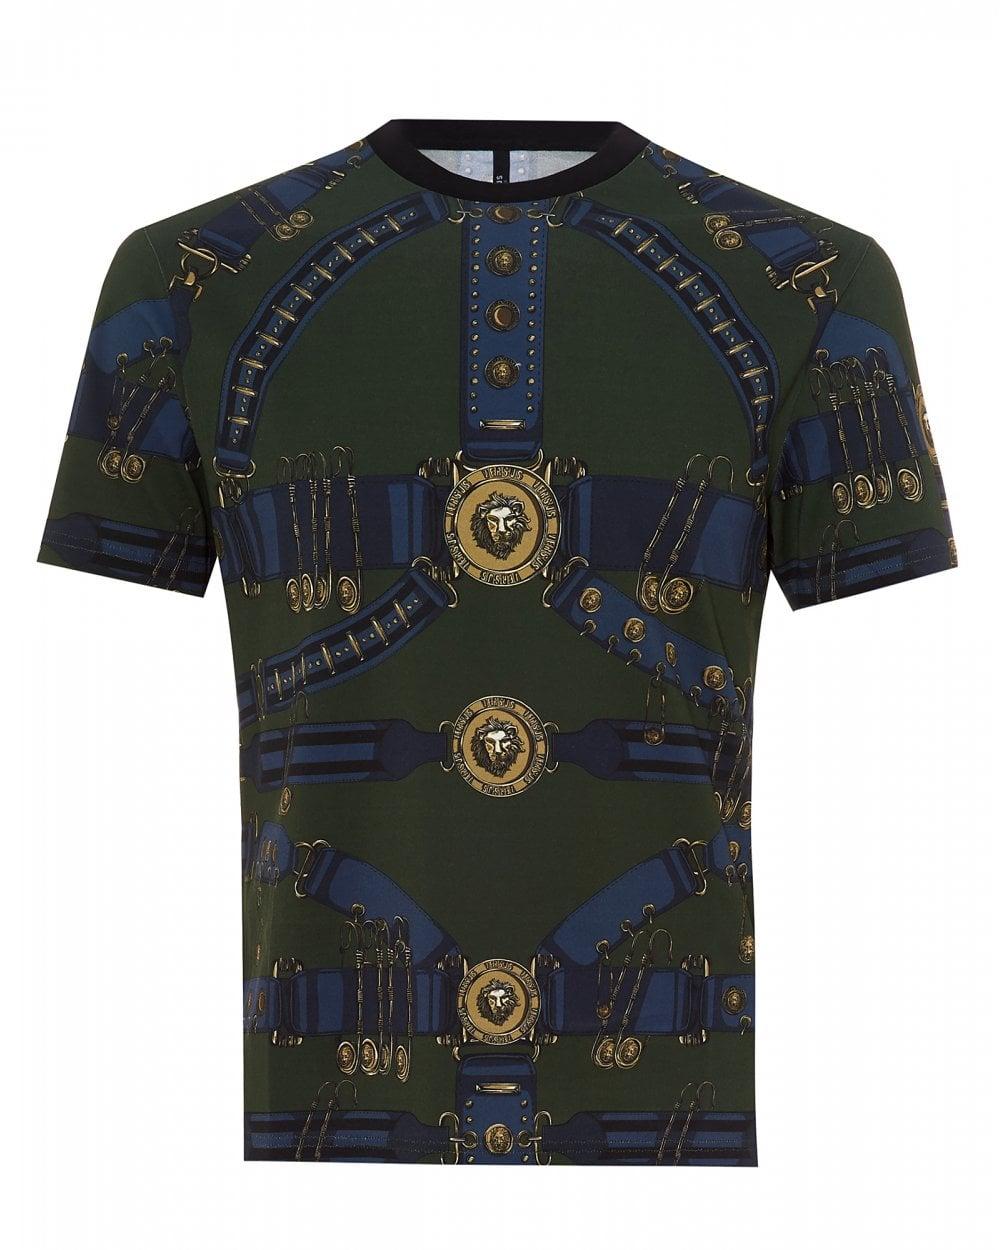 479ad18d Versus Versace Mens Heritage Belt Print Slim Military Green T-Shirt